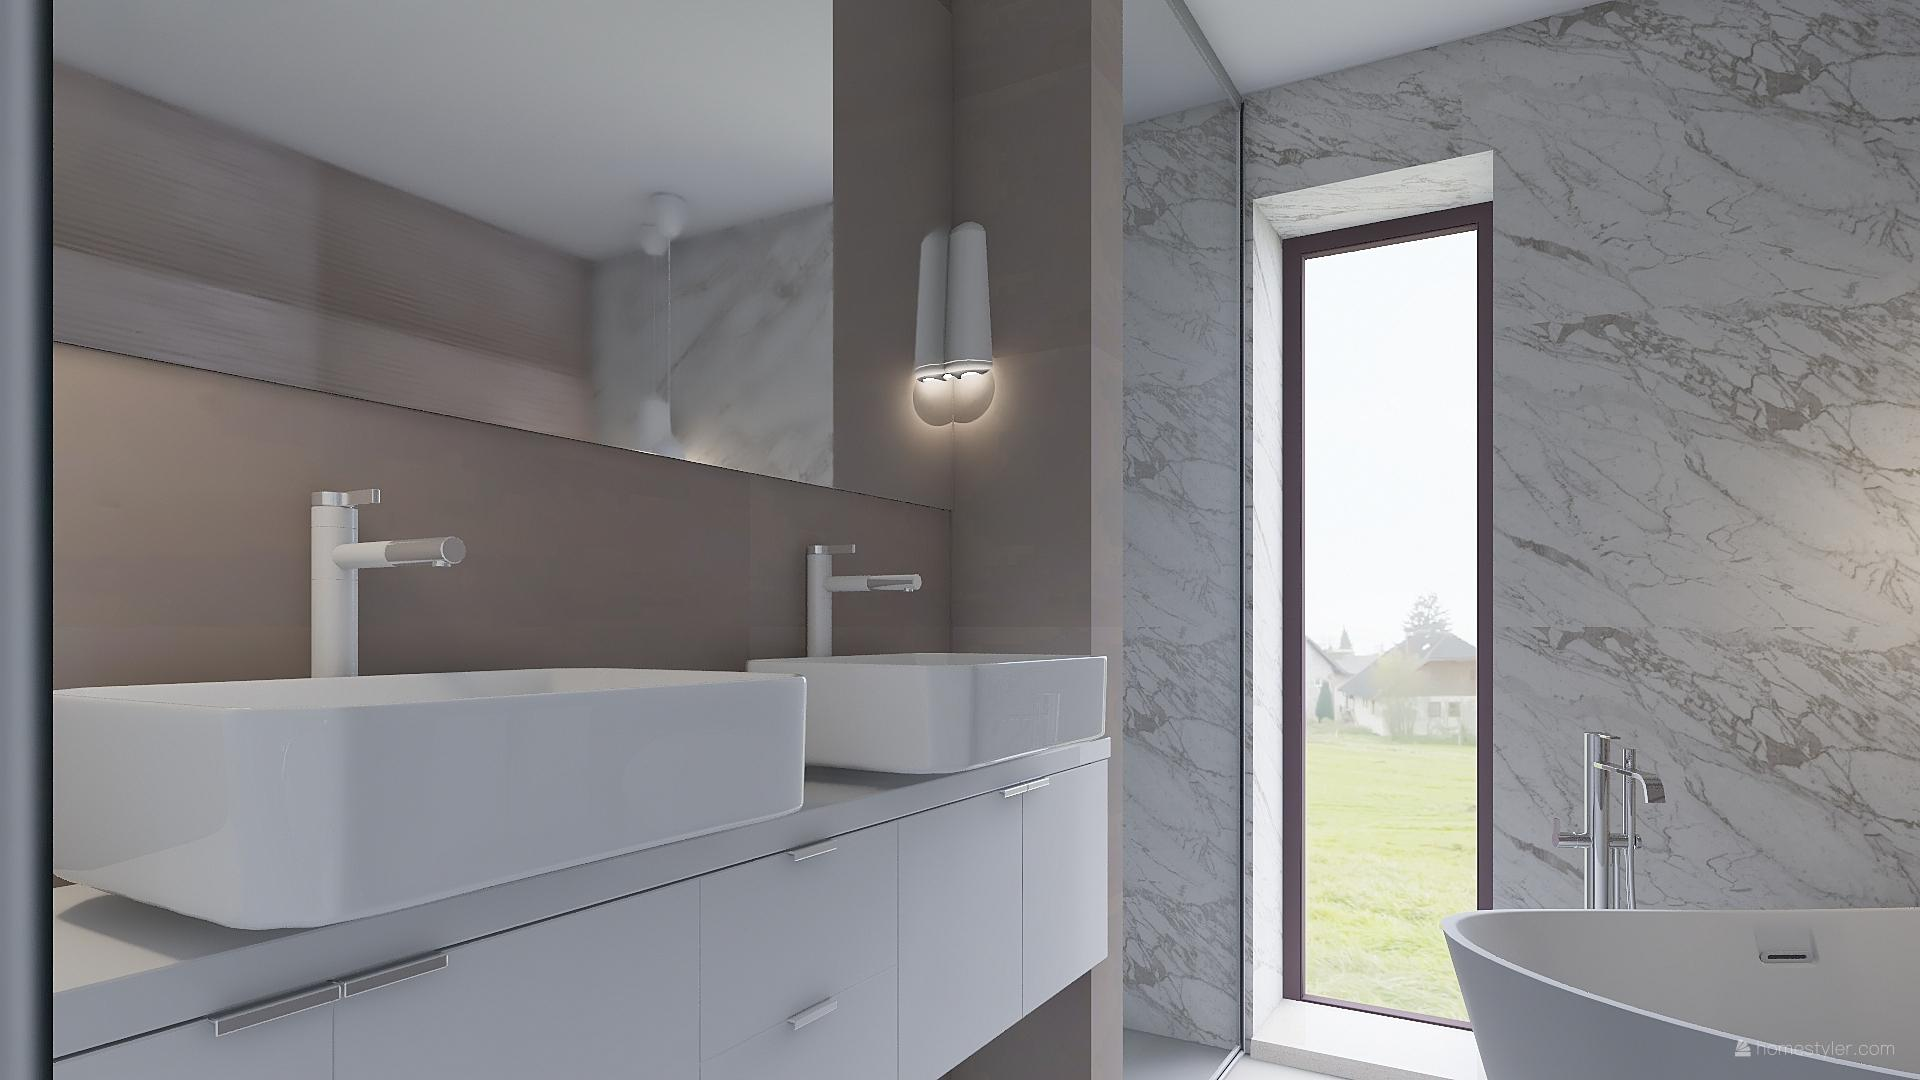 Mé dokonale nedokonalé vizualizace našeho budoucího domu - Dětská koupelna - nástin